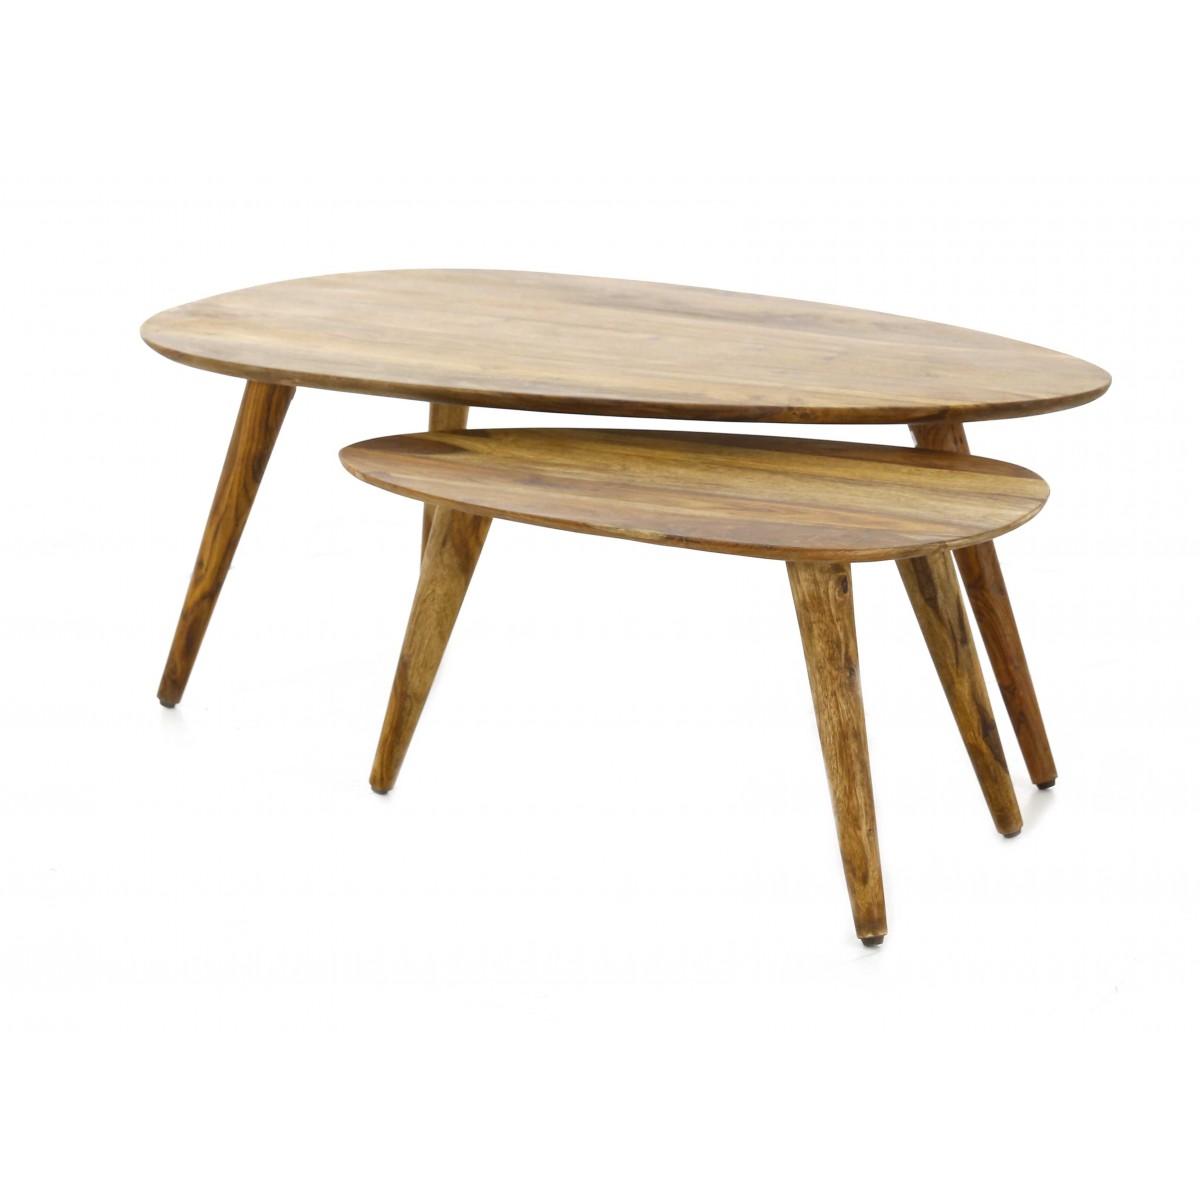 table basse gigogne vintage bois mobilier design. Black Bedroom Furniture Sets. Home Design Ideas